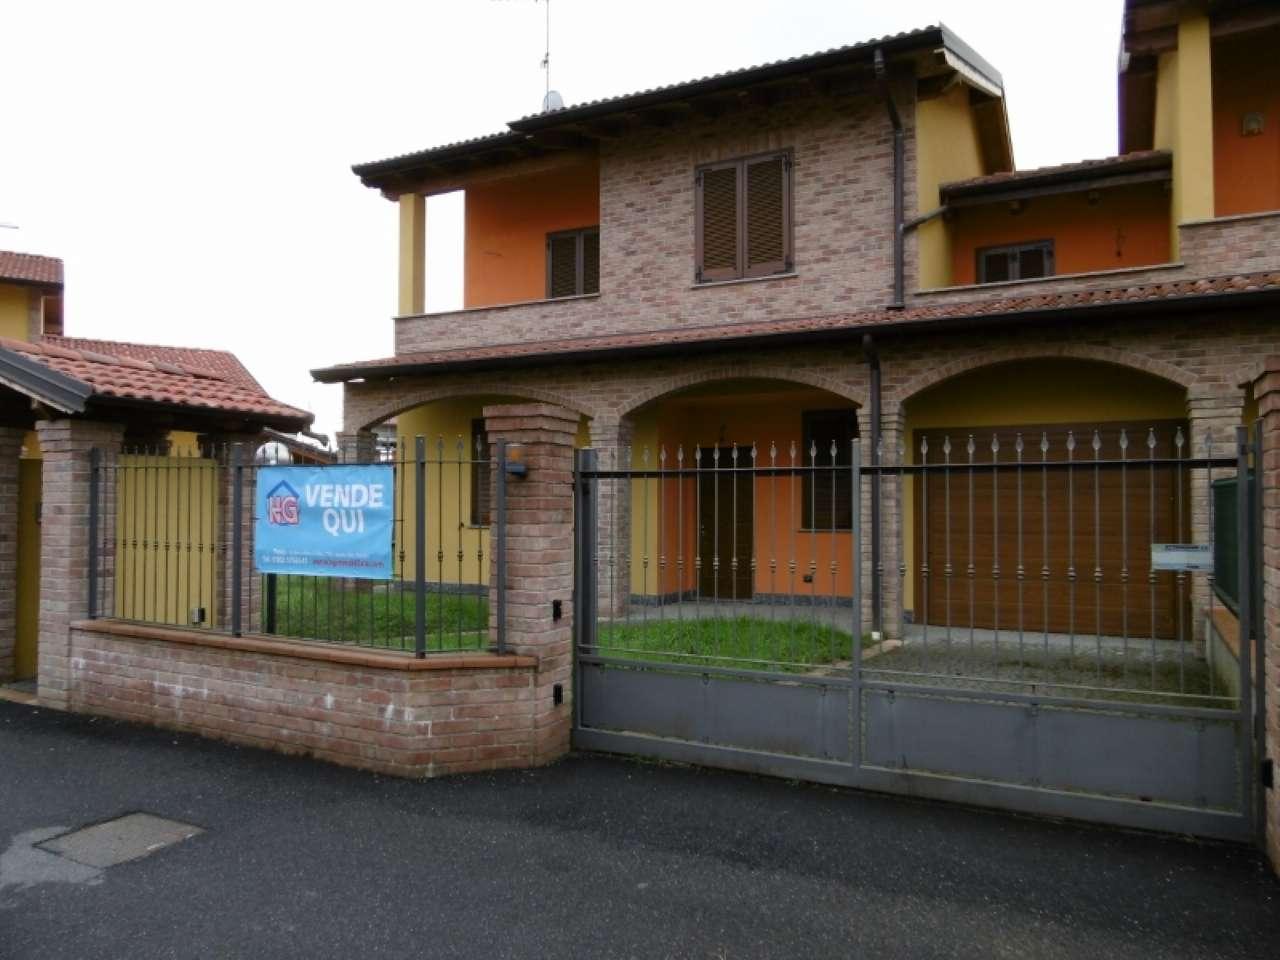 Villa Tri-Quadrifamiliare in vendita a Bereguardo, 5 locali, prezzo € 255.000 | CambioCasa.it